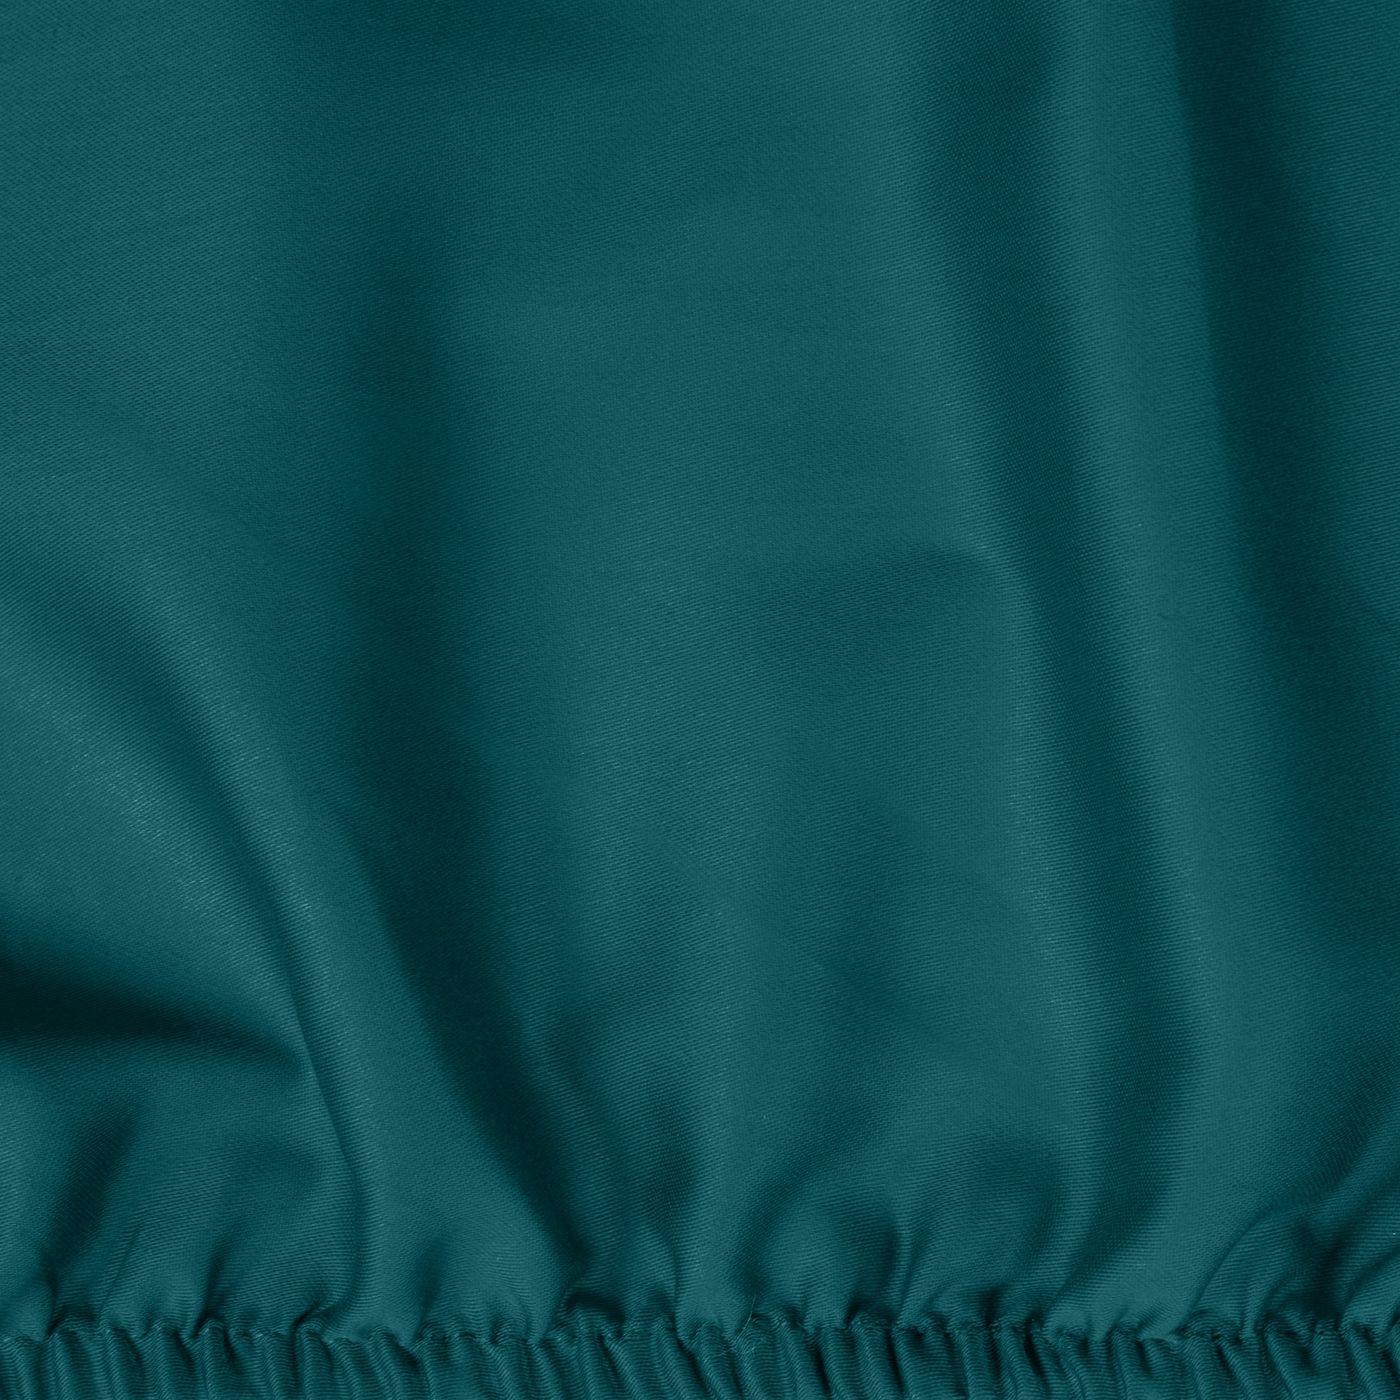 Prześcieradło z makosatyny gładkie 220x200+30cm kolor turkusowy